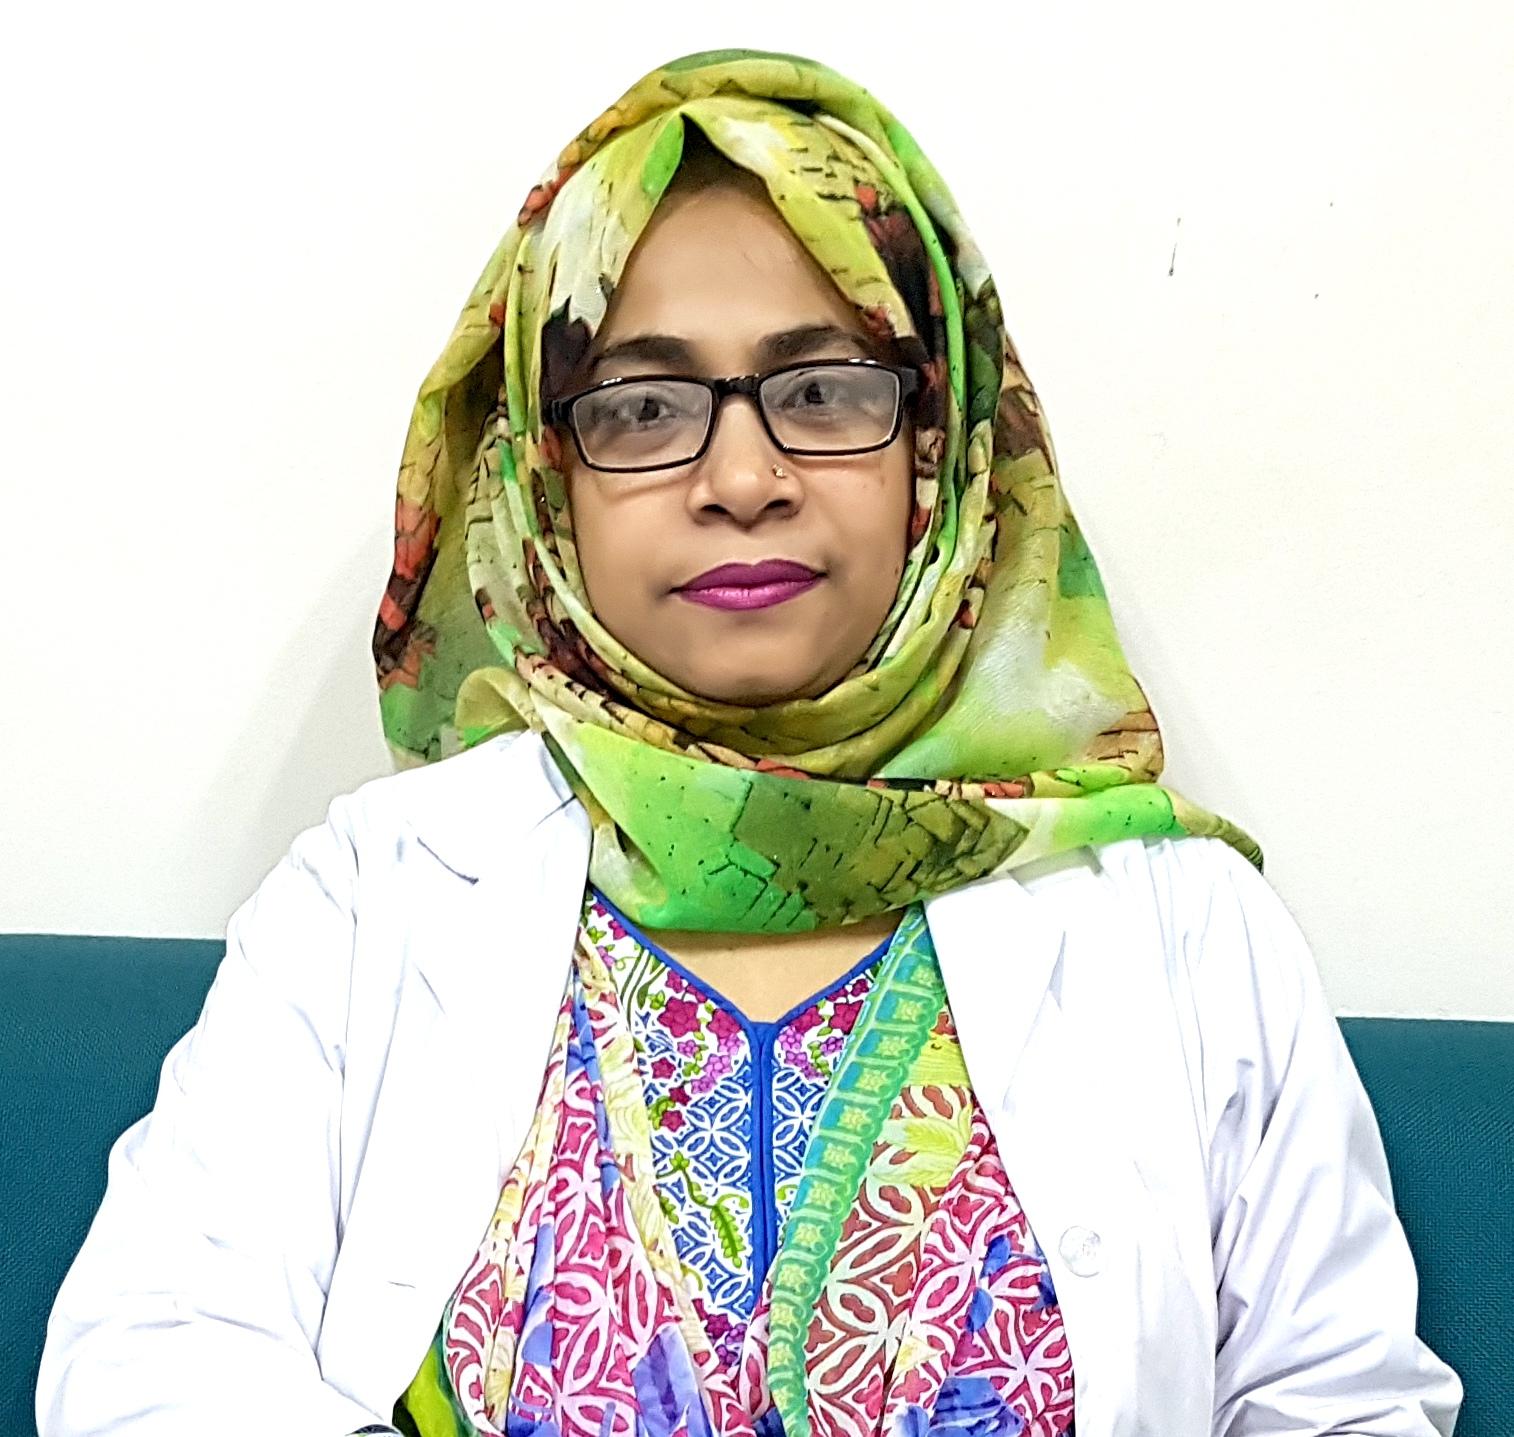 Dr. Dilara Makbool